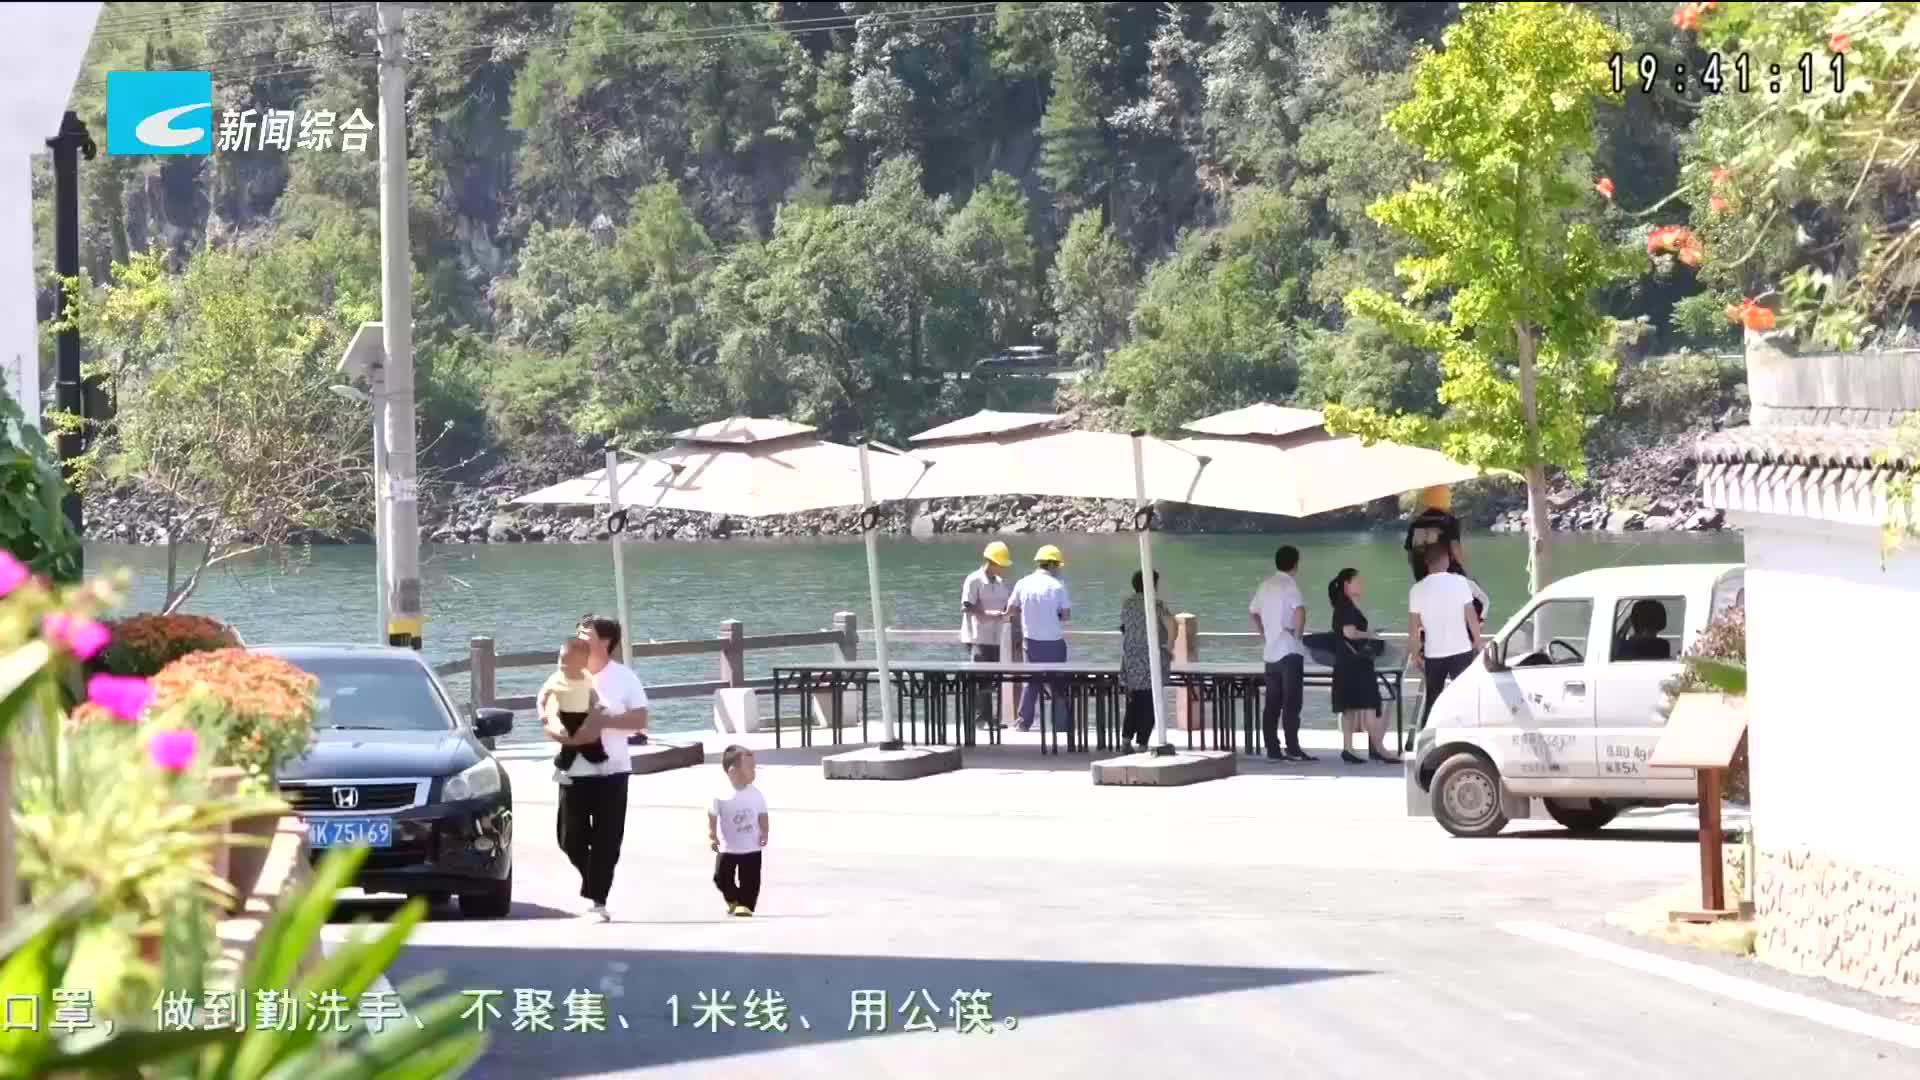 共同富裕新征程:云和滩下村:人居环境大整治 村民乐当保洁员